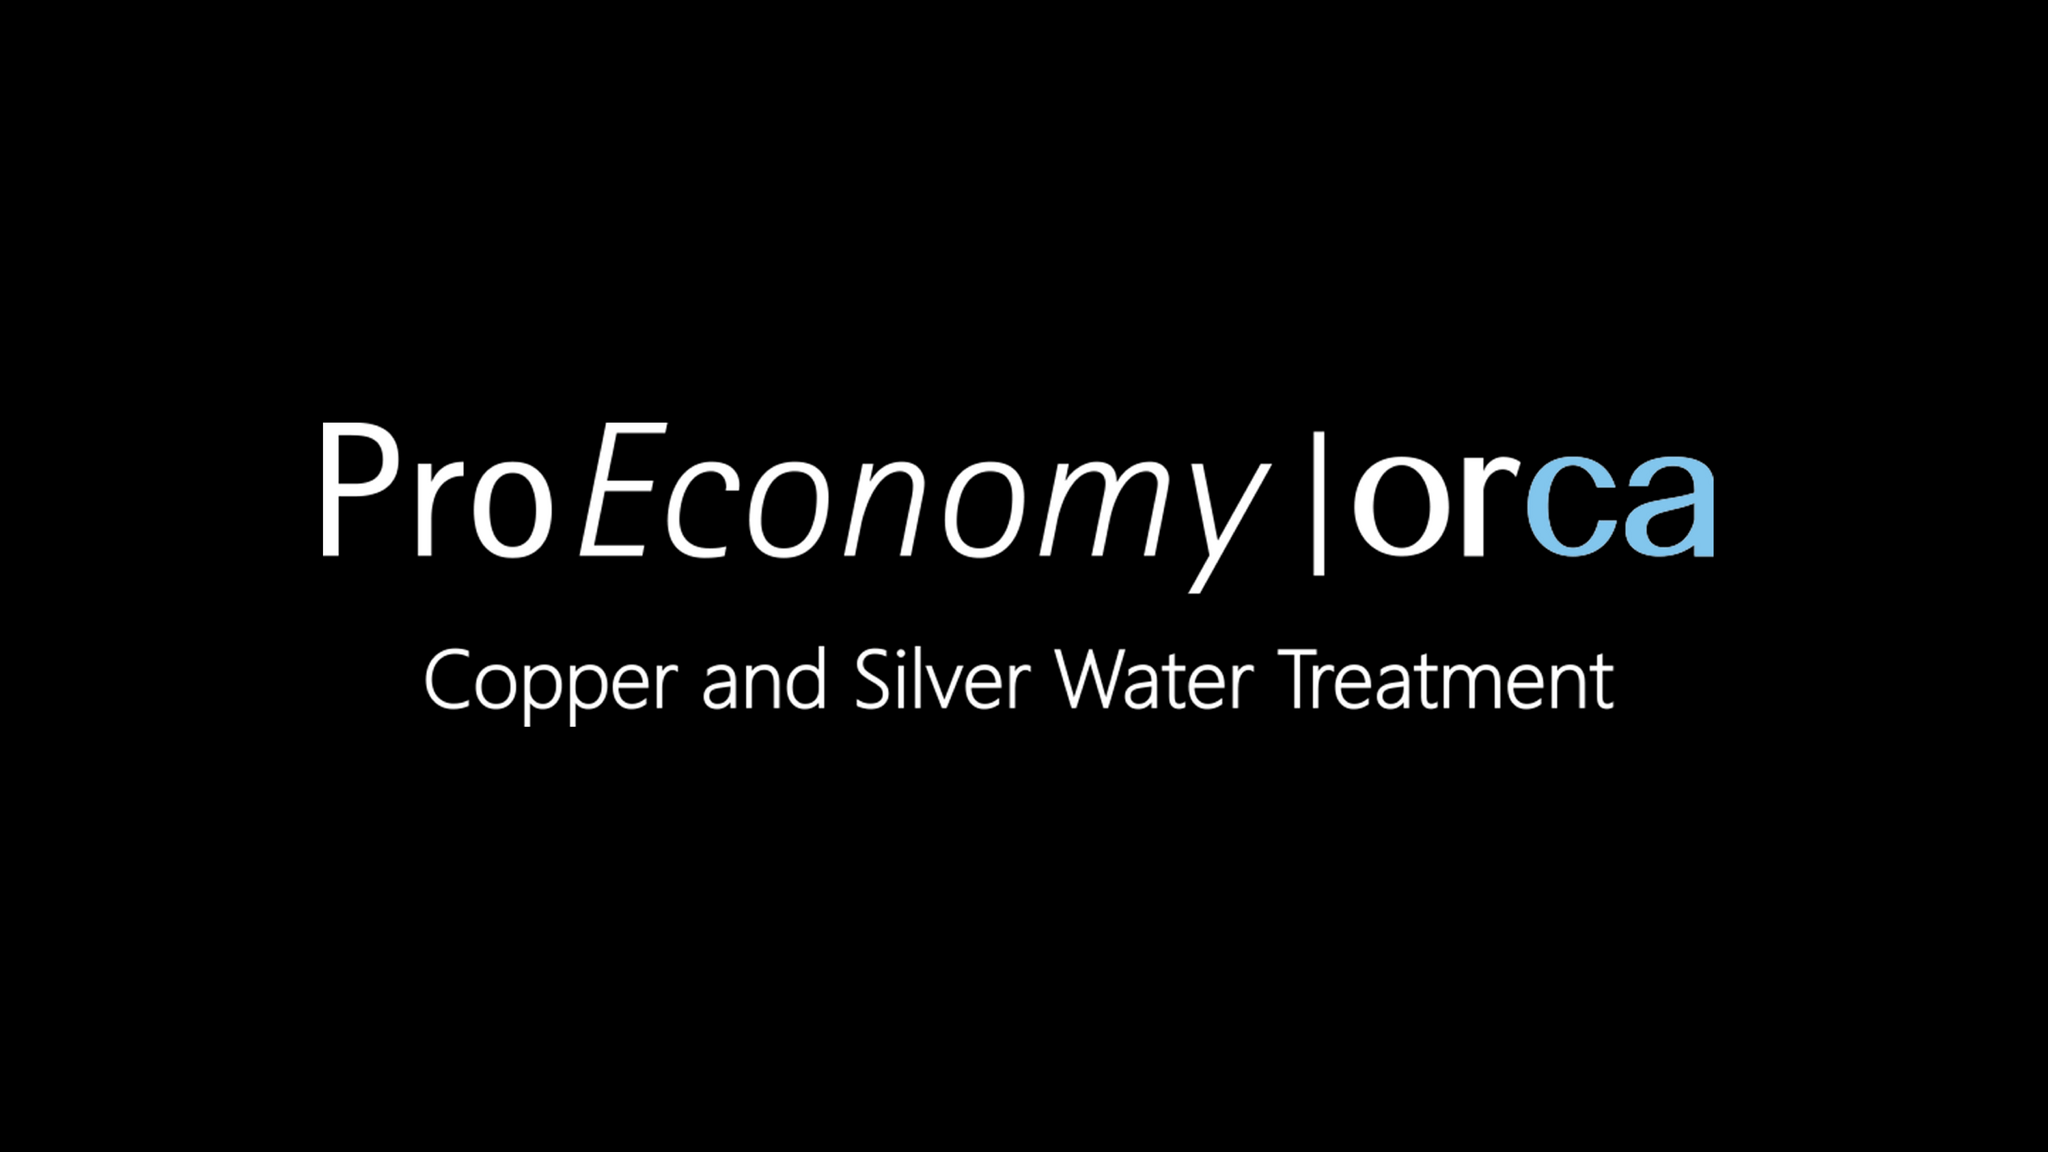 Proeconomy